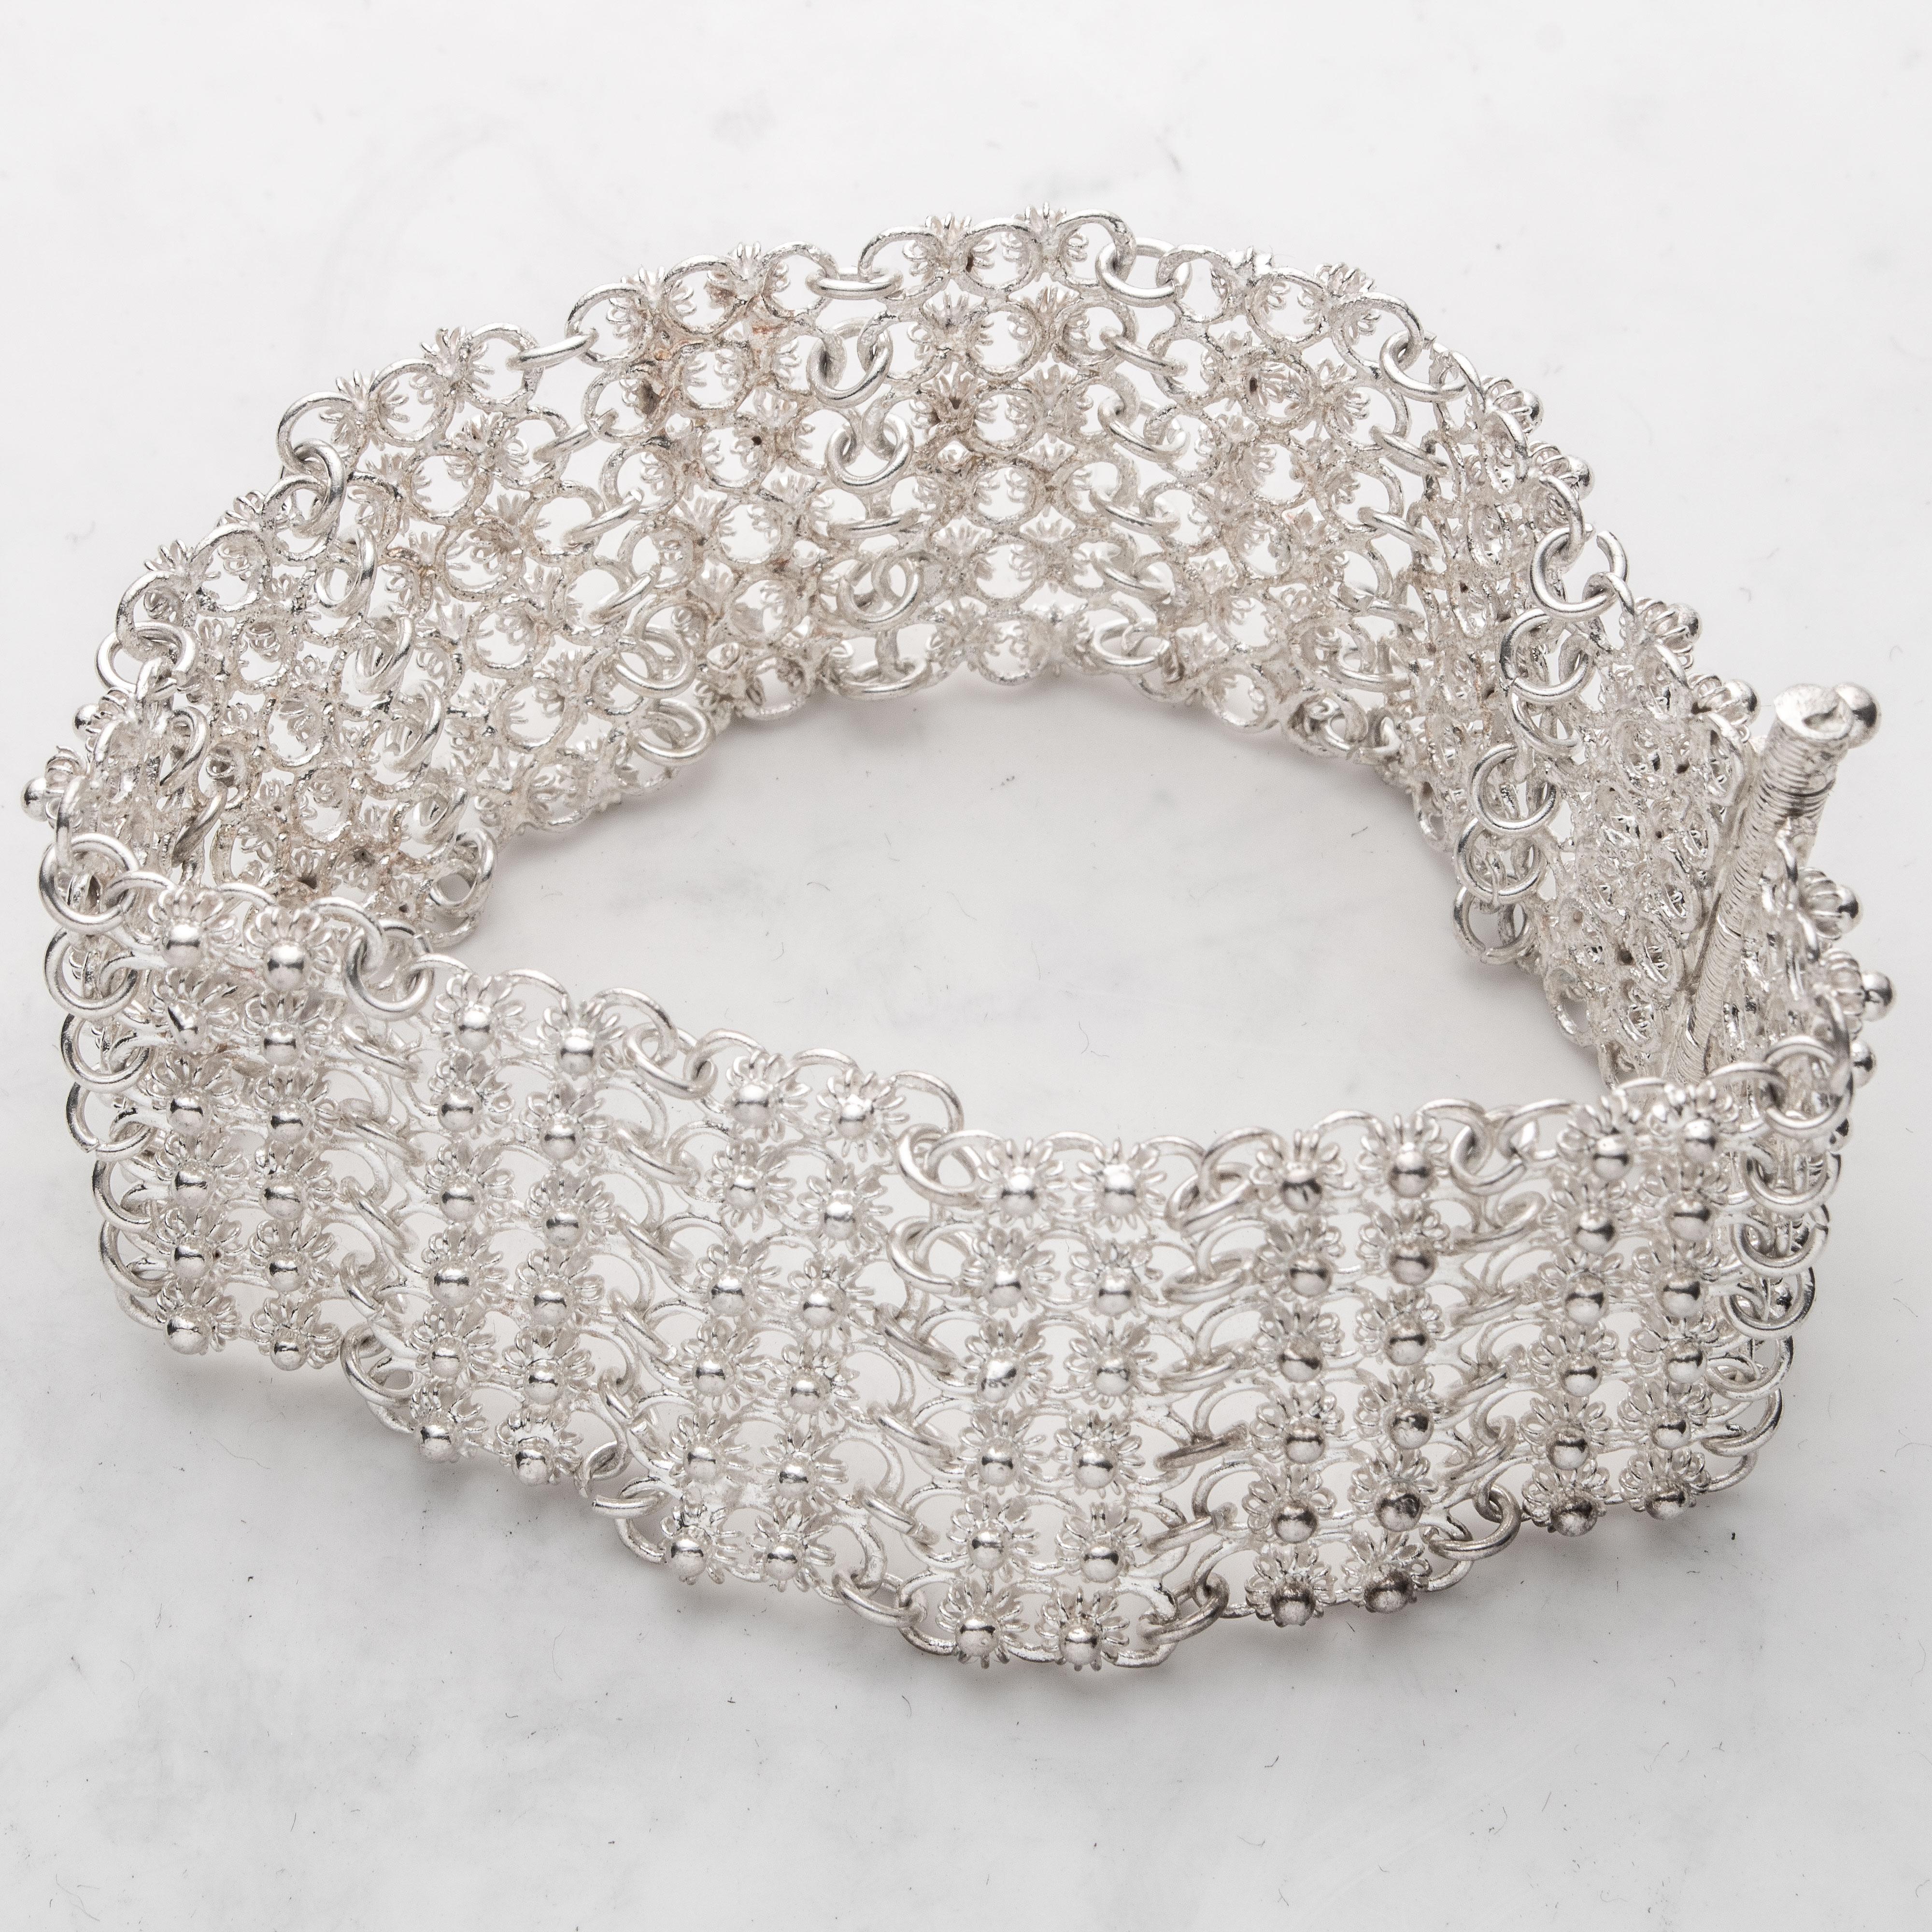 Habbiyat armbånd, sølv